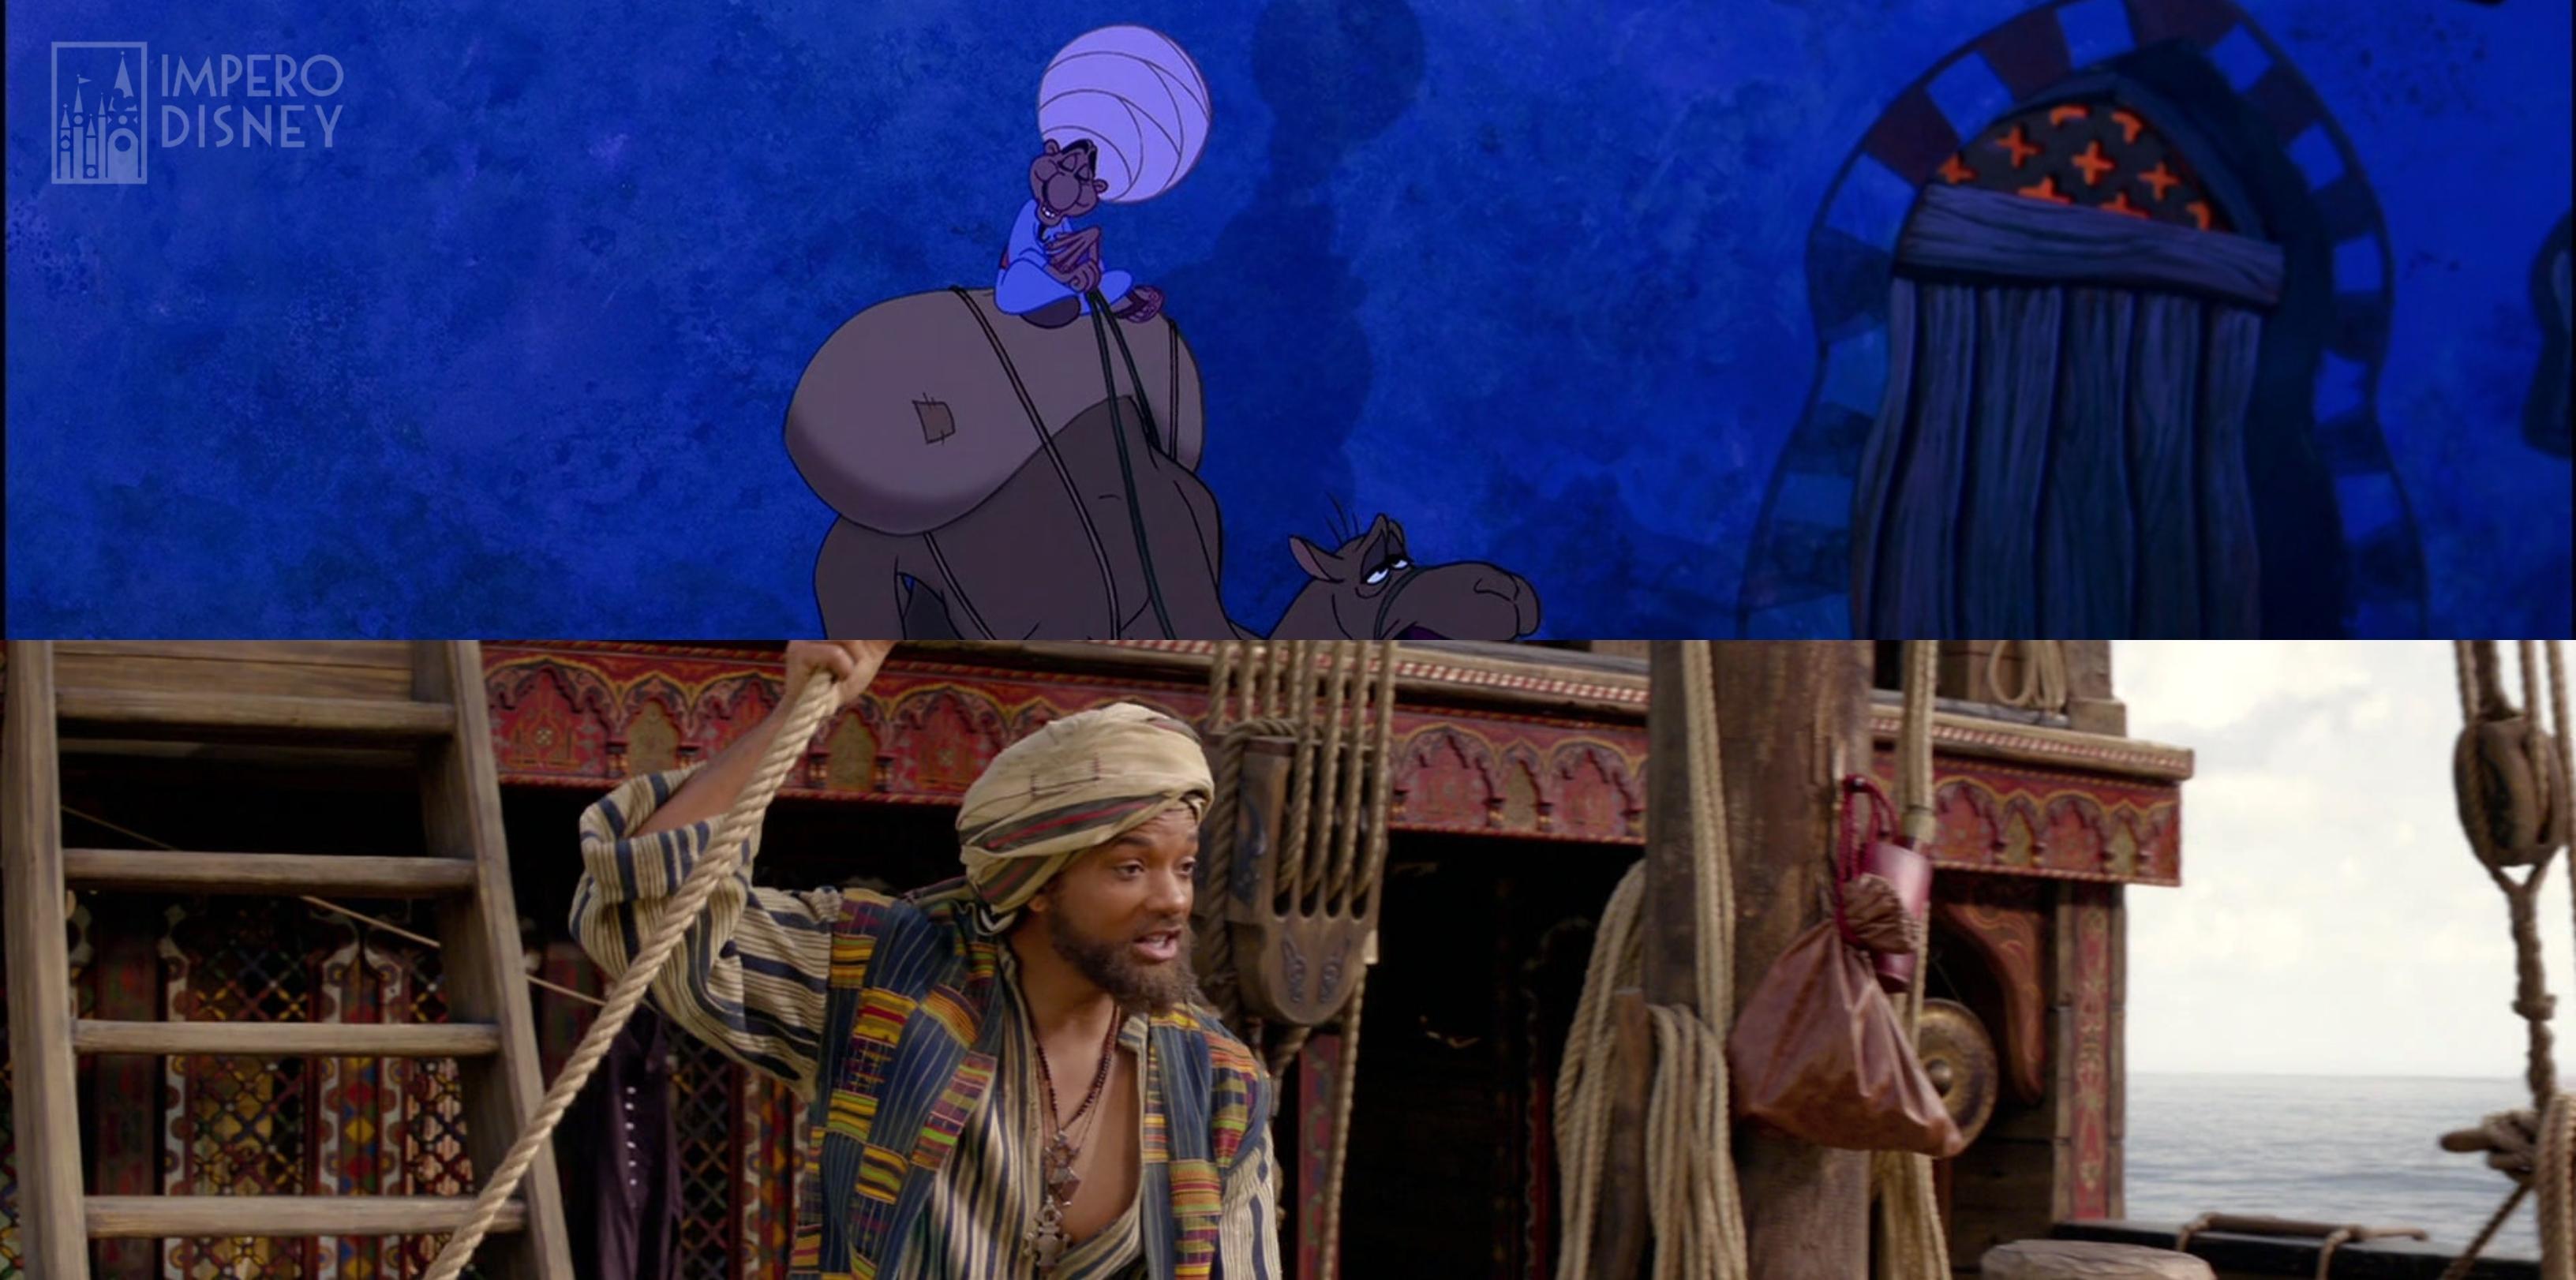 Aladdin screencaps le notti d'oriente